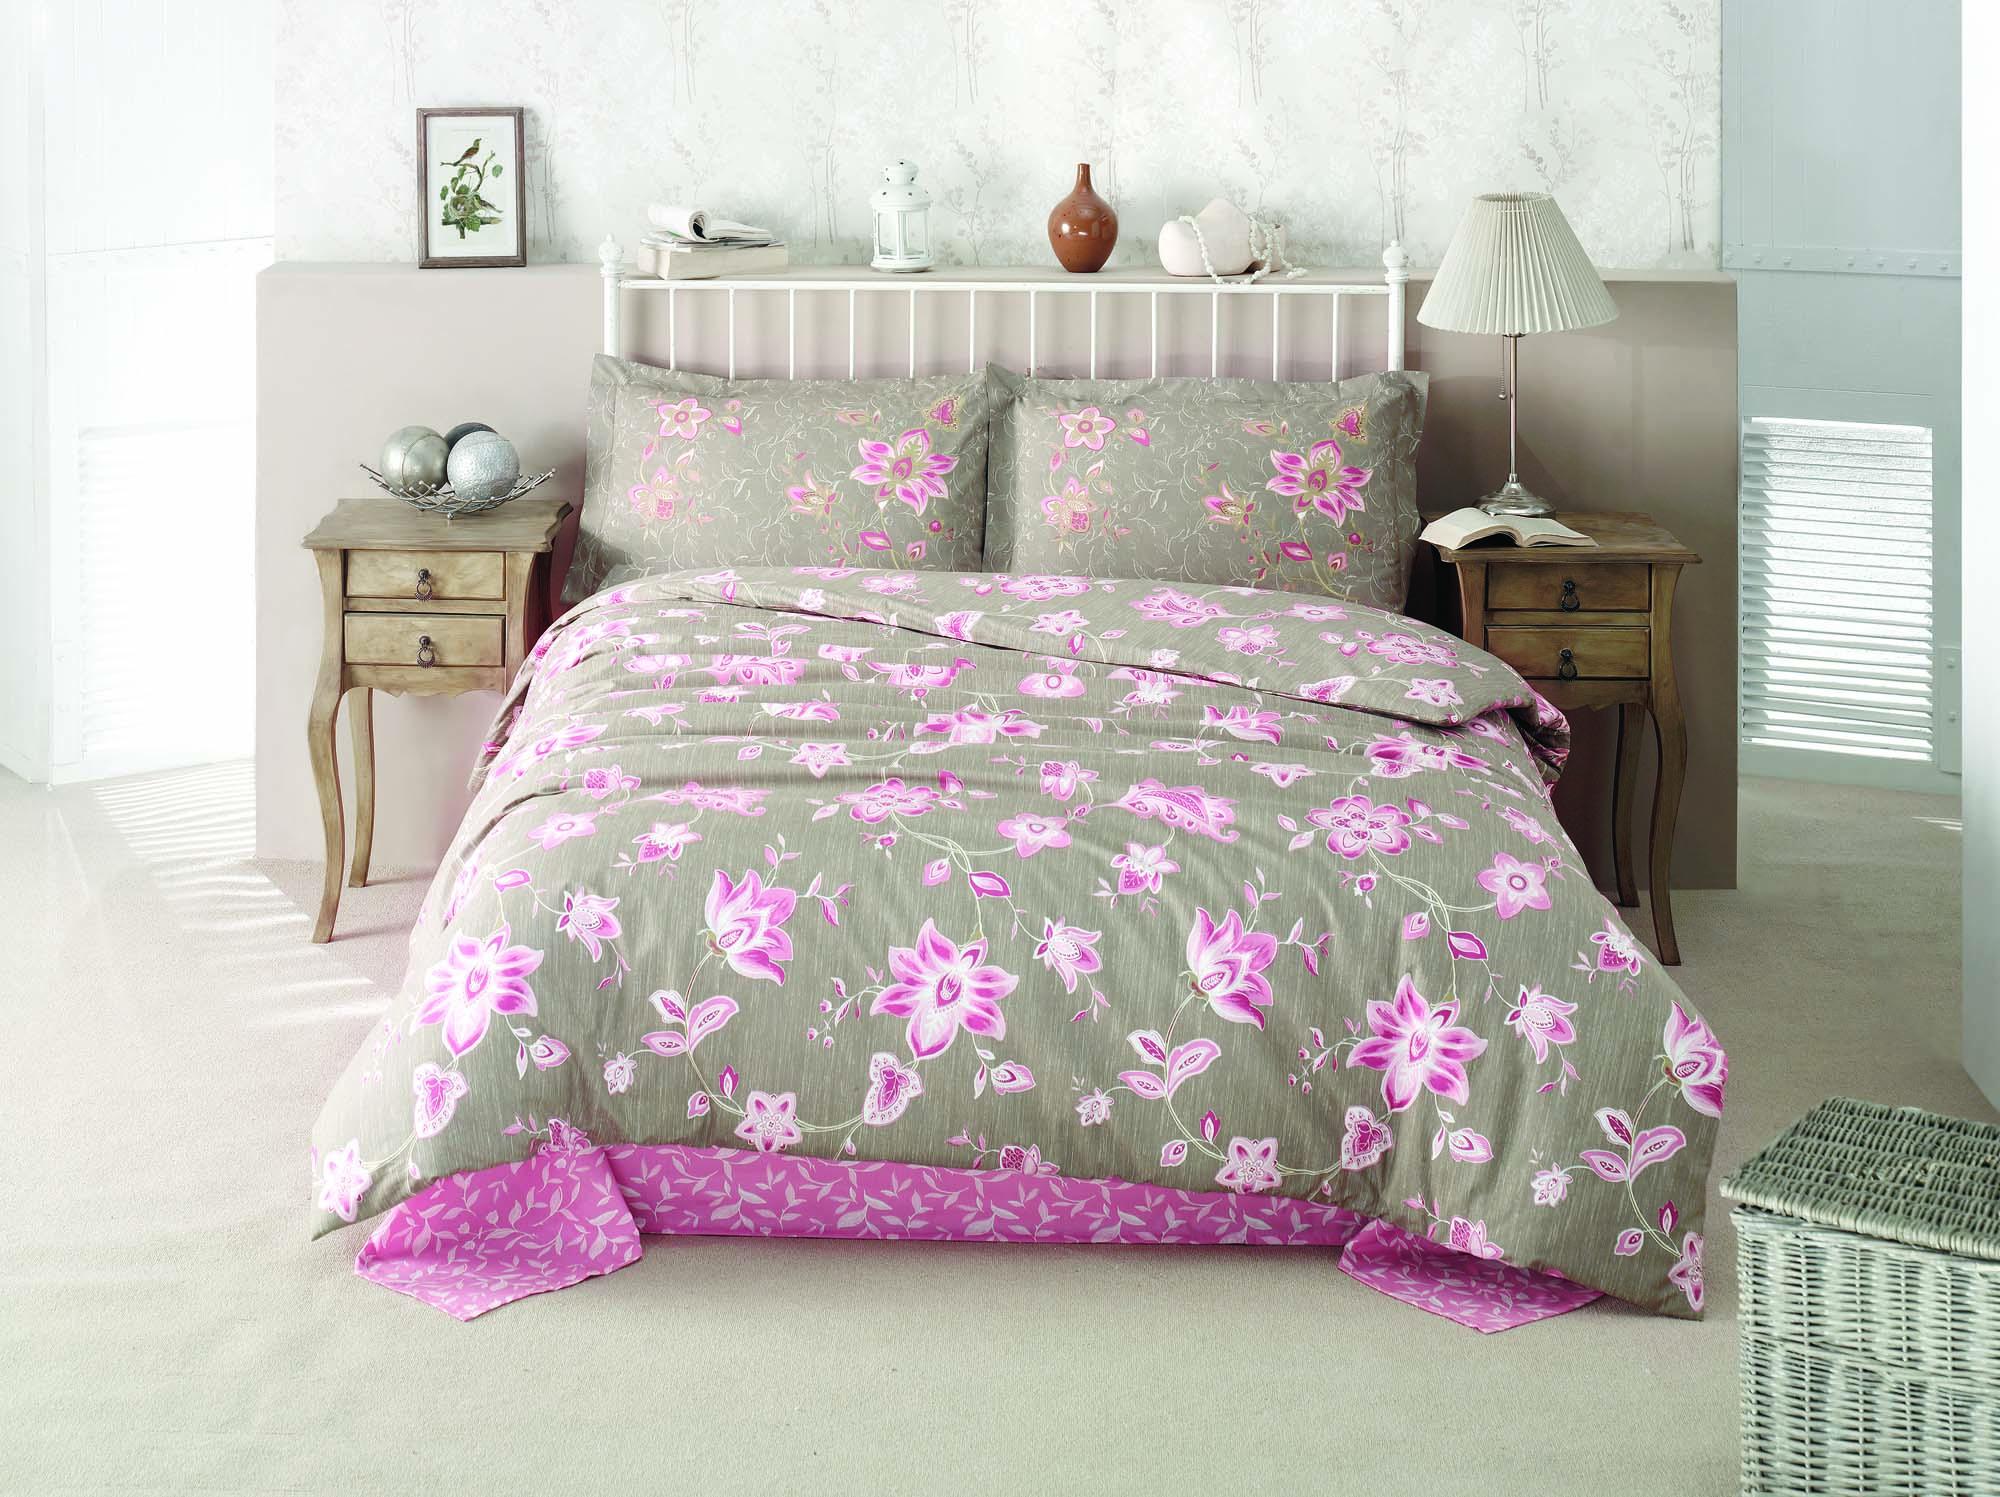 Комплект белья Clasy Belinay, евро, наволочки 50х70, цвет: розовый, серый391602Комплект постельного белья Clasy Belinay изготовлен в Турции из высококачественного ранфорса на одной из ведущих фабрик.Выбирая постельное белье Clasy Belinay вы будете приятно удивлены качественной выделкой ткани, красивыми и модными расцветками, а так же его отличным качеством. Все наволочки у комплектов Clasy Belinay имеют клапан без пуговиц и молнии. Пододеяльник с пуговицами.